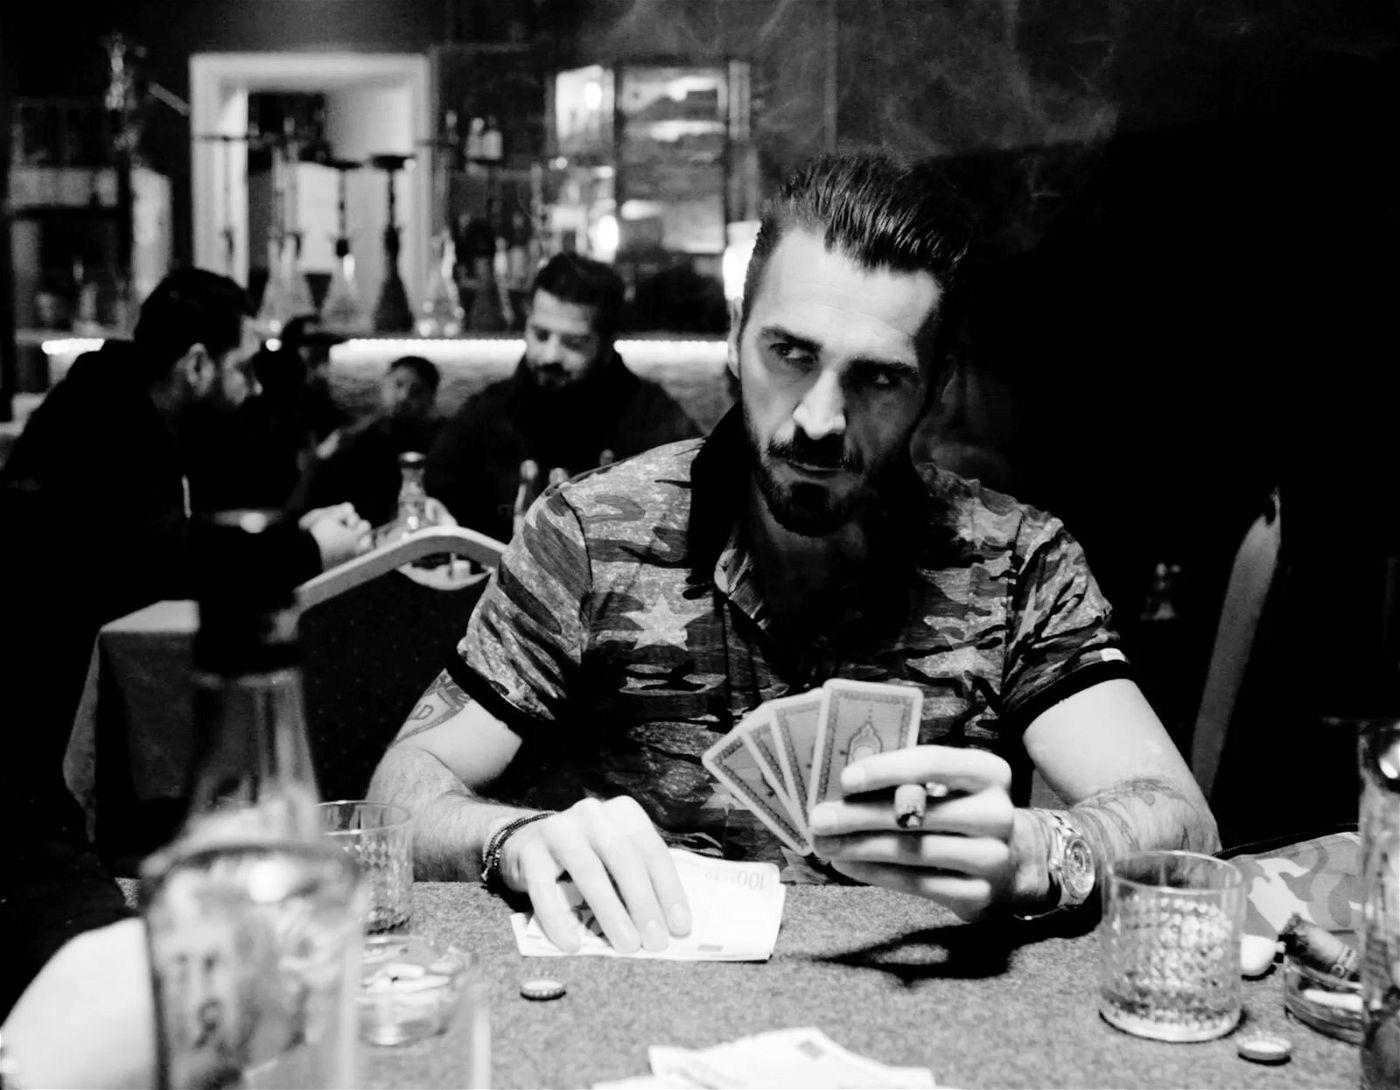 """""""Man from Beirut"""" ist eine Gangstergeschichte, die vor allem mit grandiosen Bildern überzeugt."""